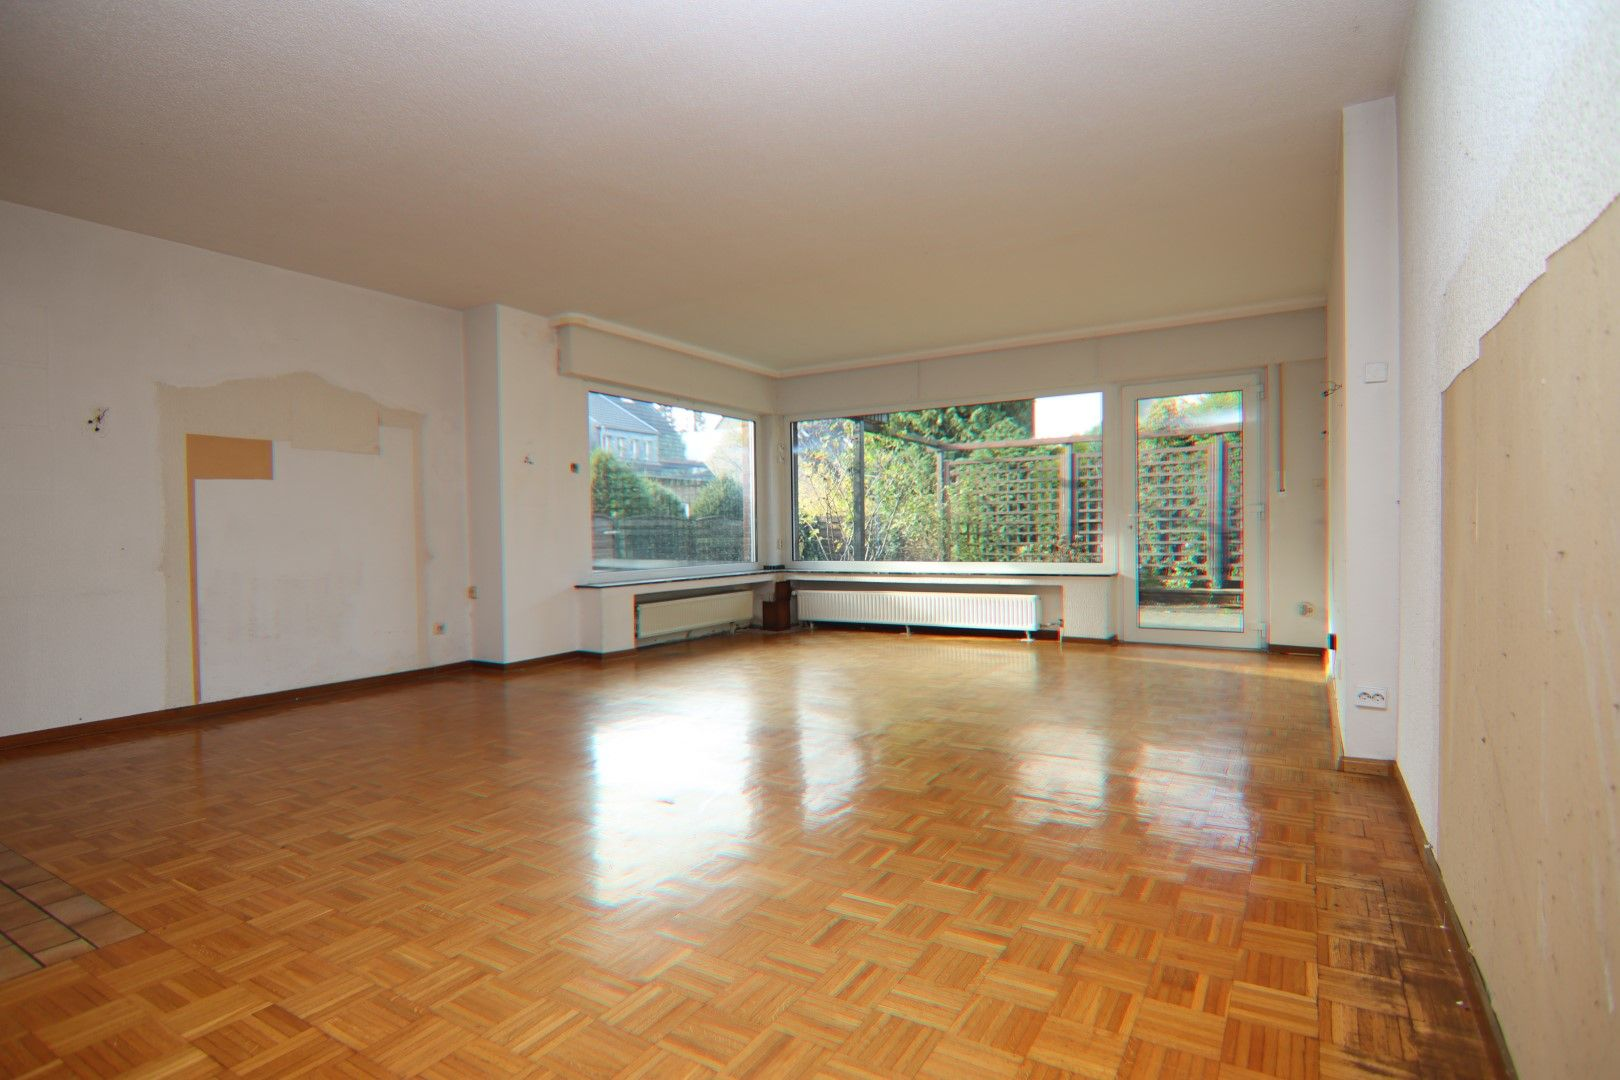 Immobilie Nr.0279 - Freistehendes EFH mit Anbau, Keller und Garage - Bild 5.jpg